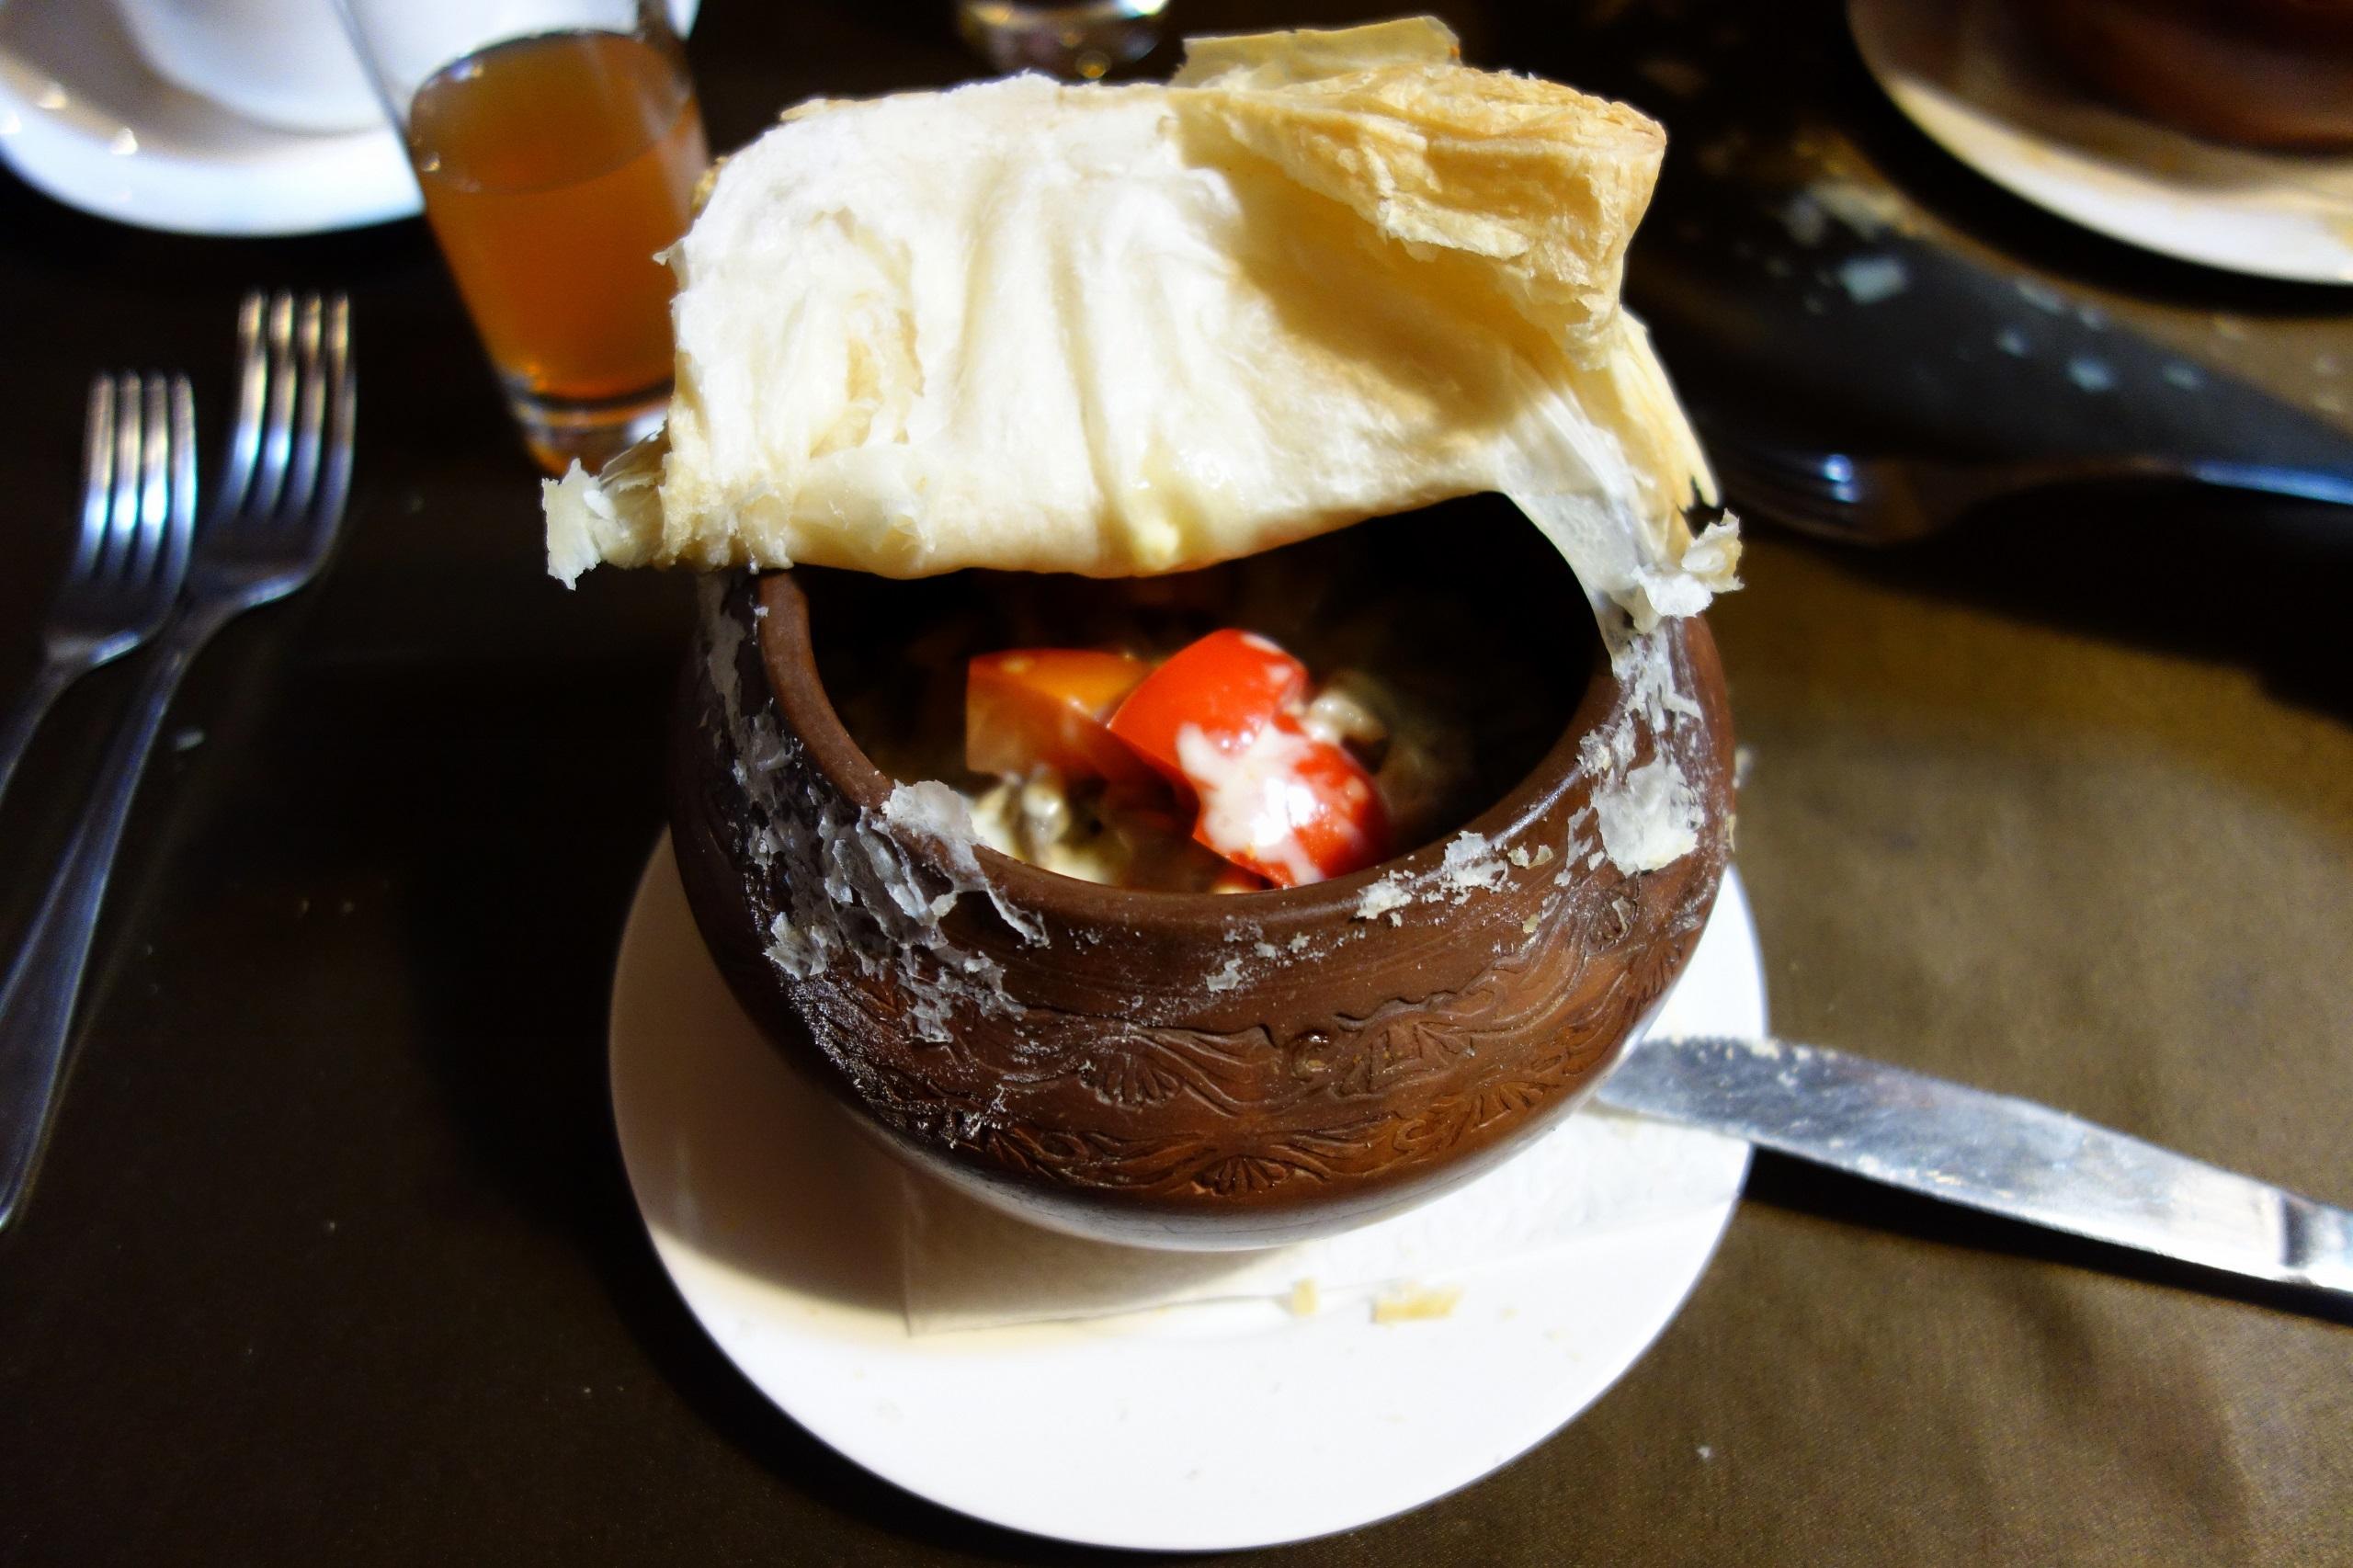 Danie jednogarnkowe - mięso z warzywami - Białoruś